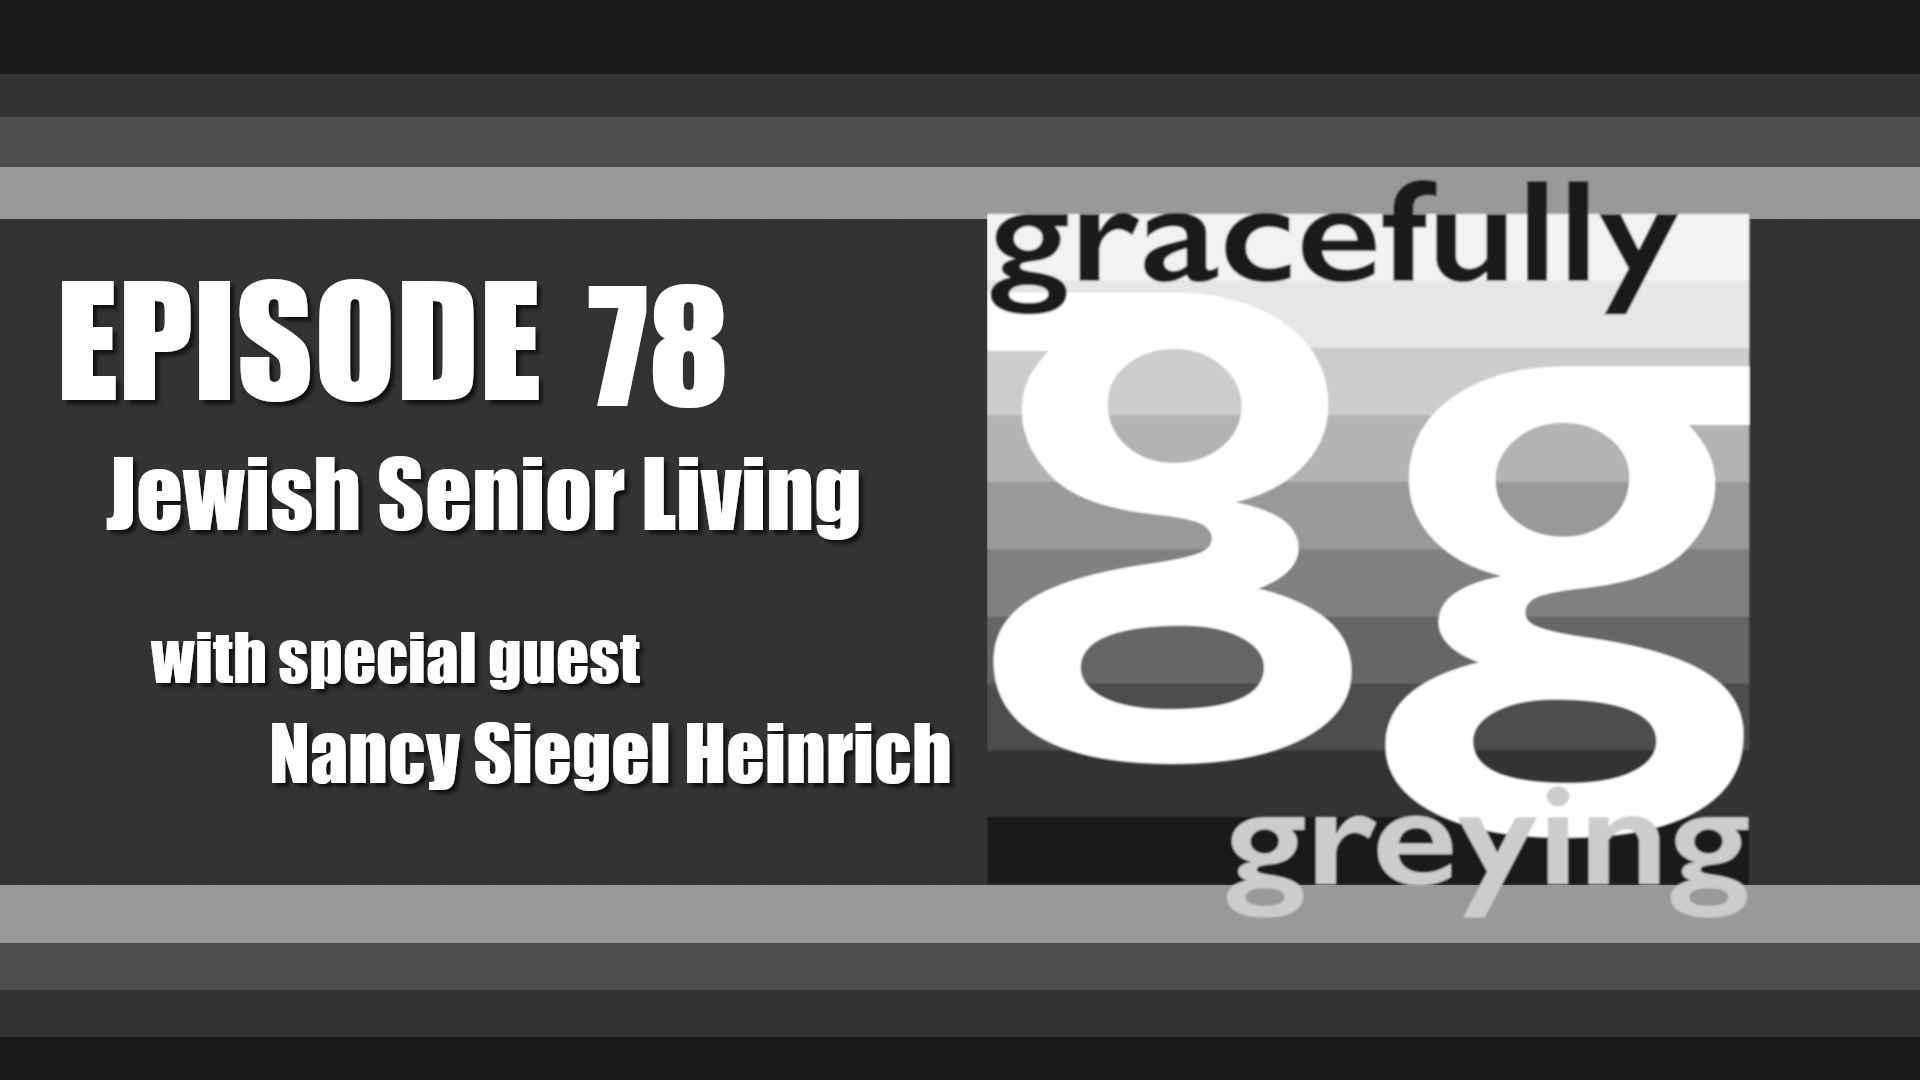 Gracefully Greying - Episode 78